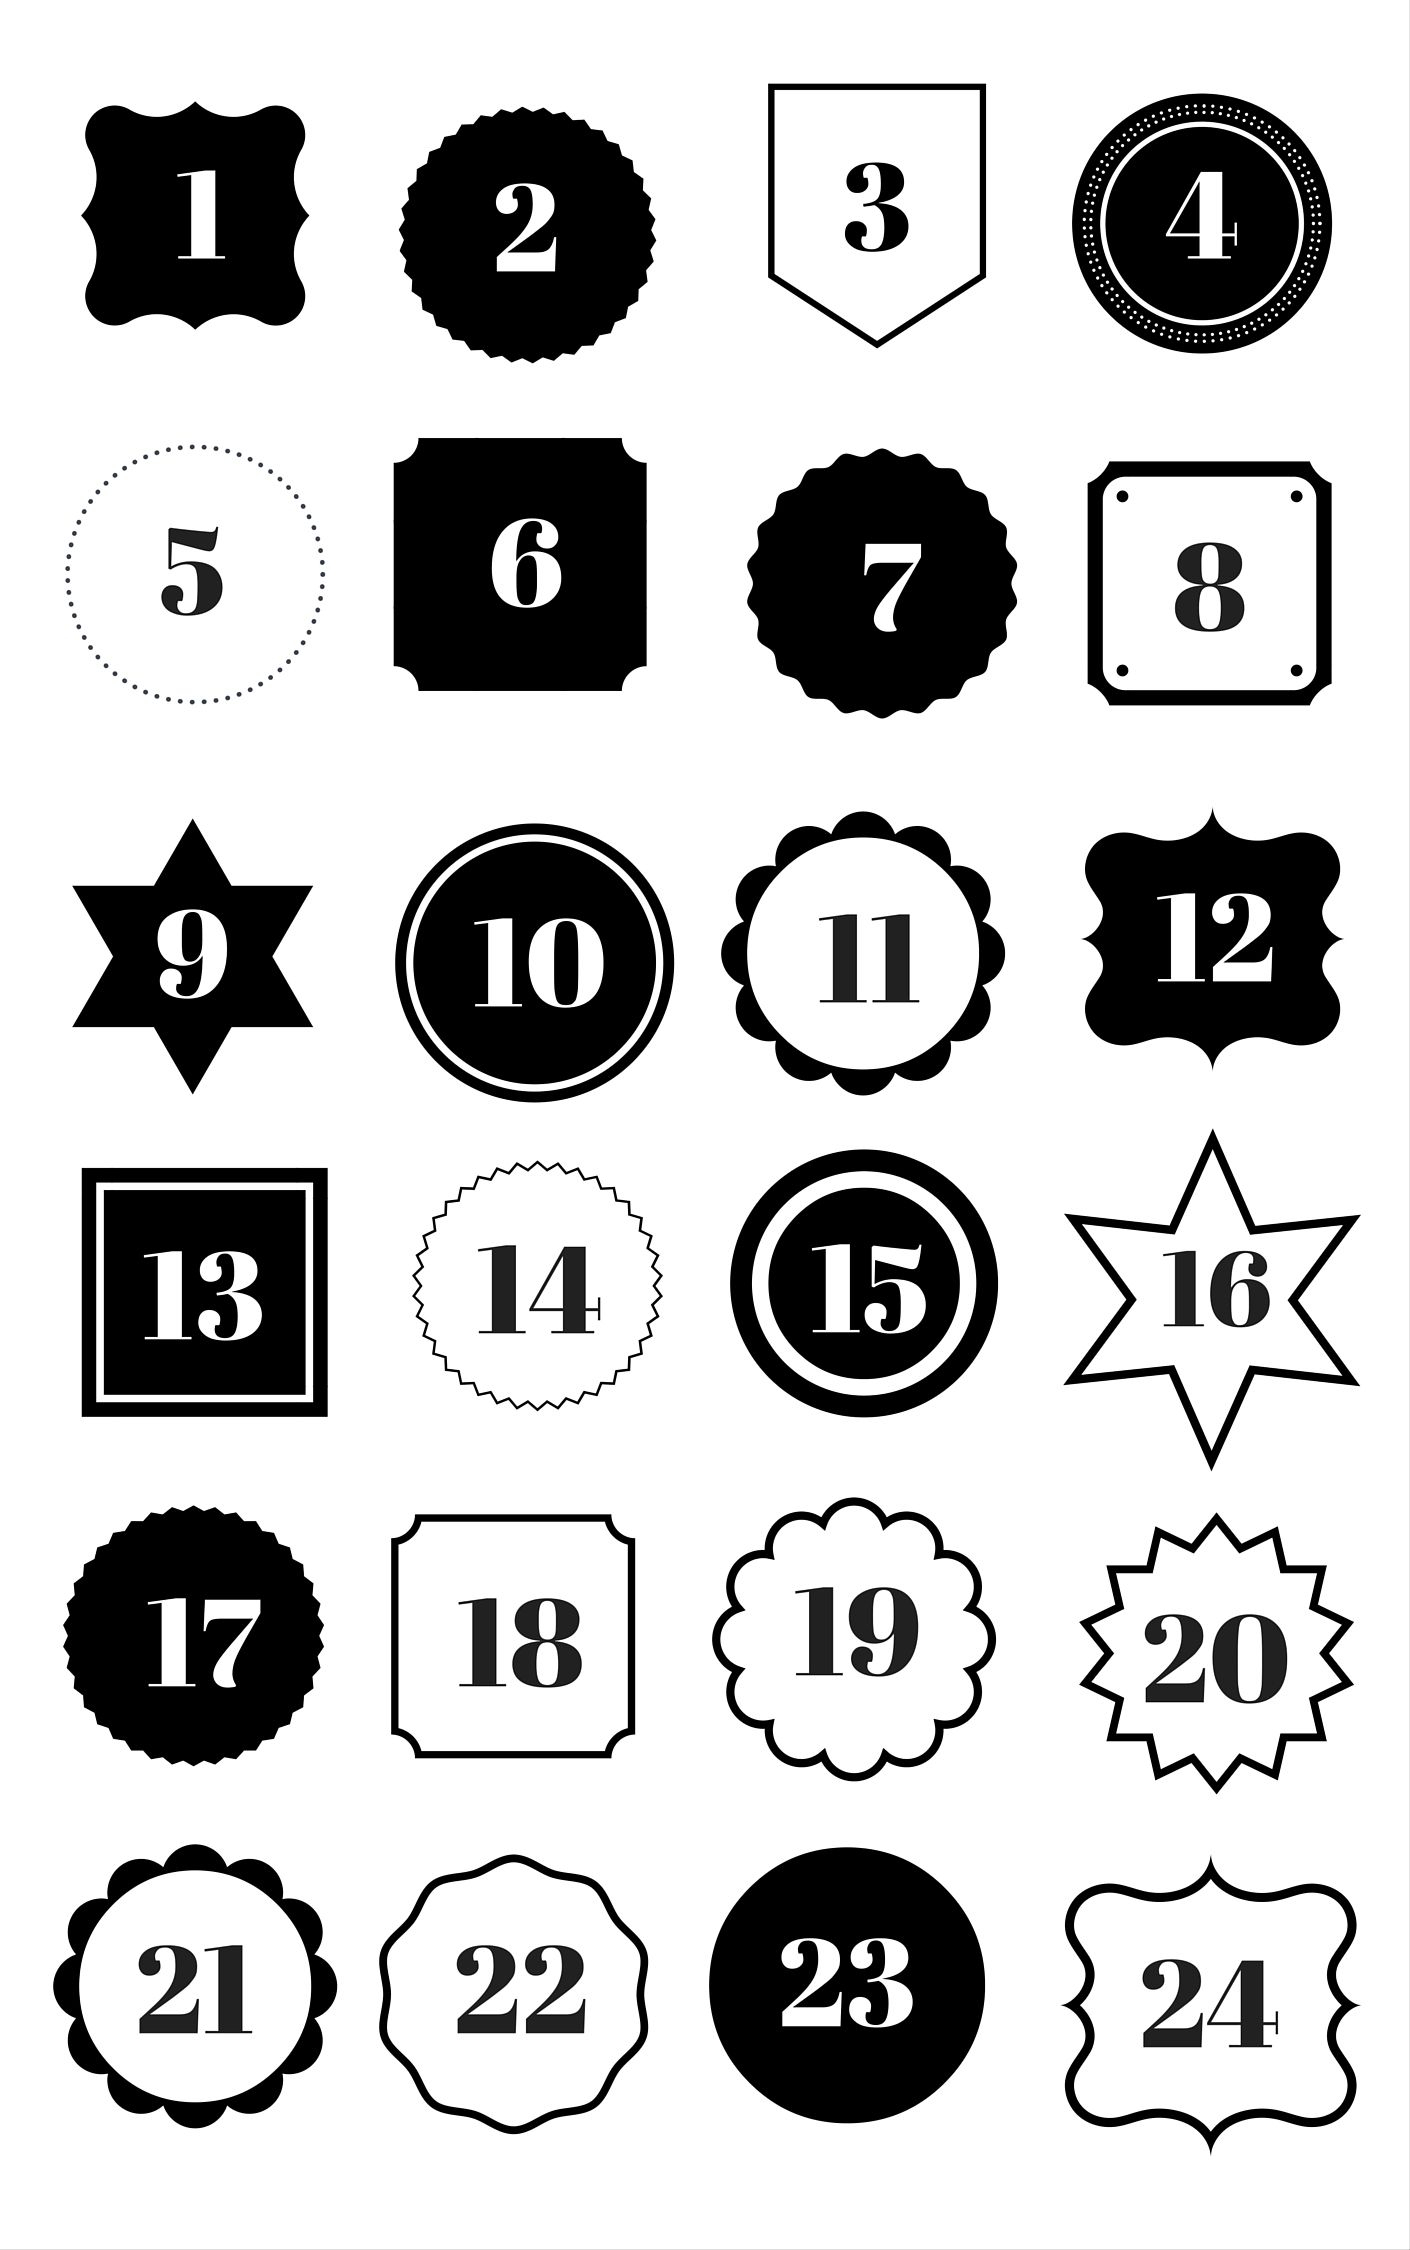 Adventskalender Zahlen Zum Ausdrucken | Adventskalender über Adventskalender Zahlen Druckvorlage